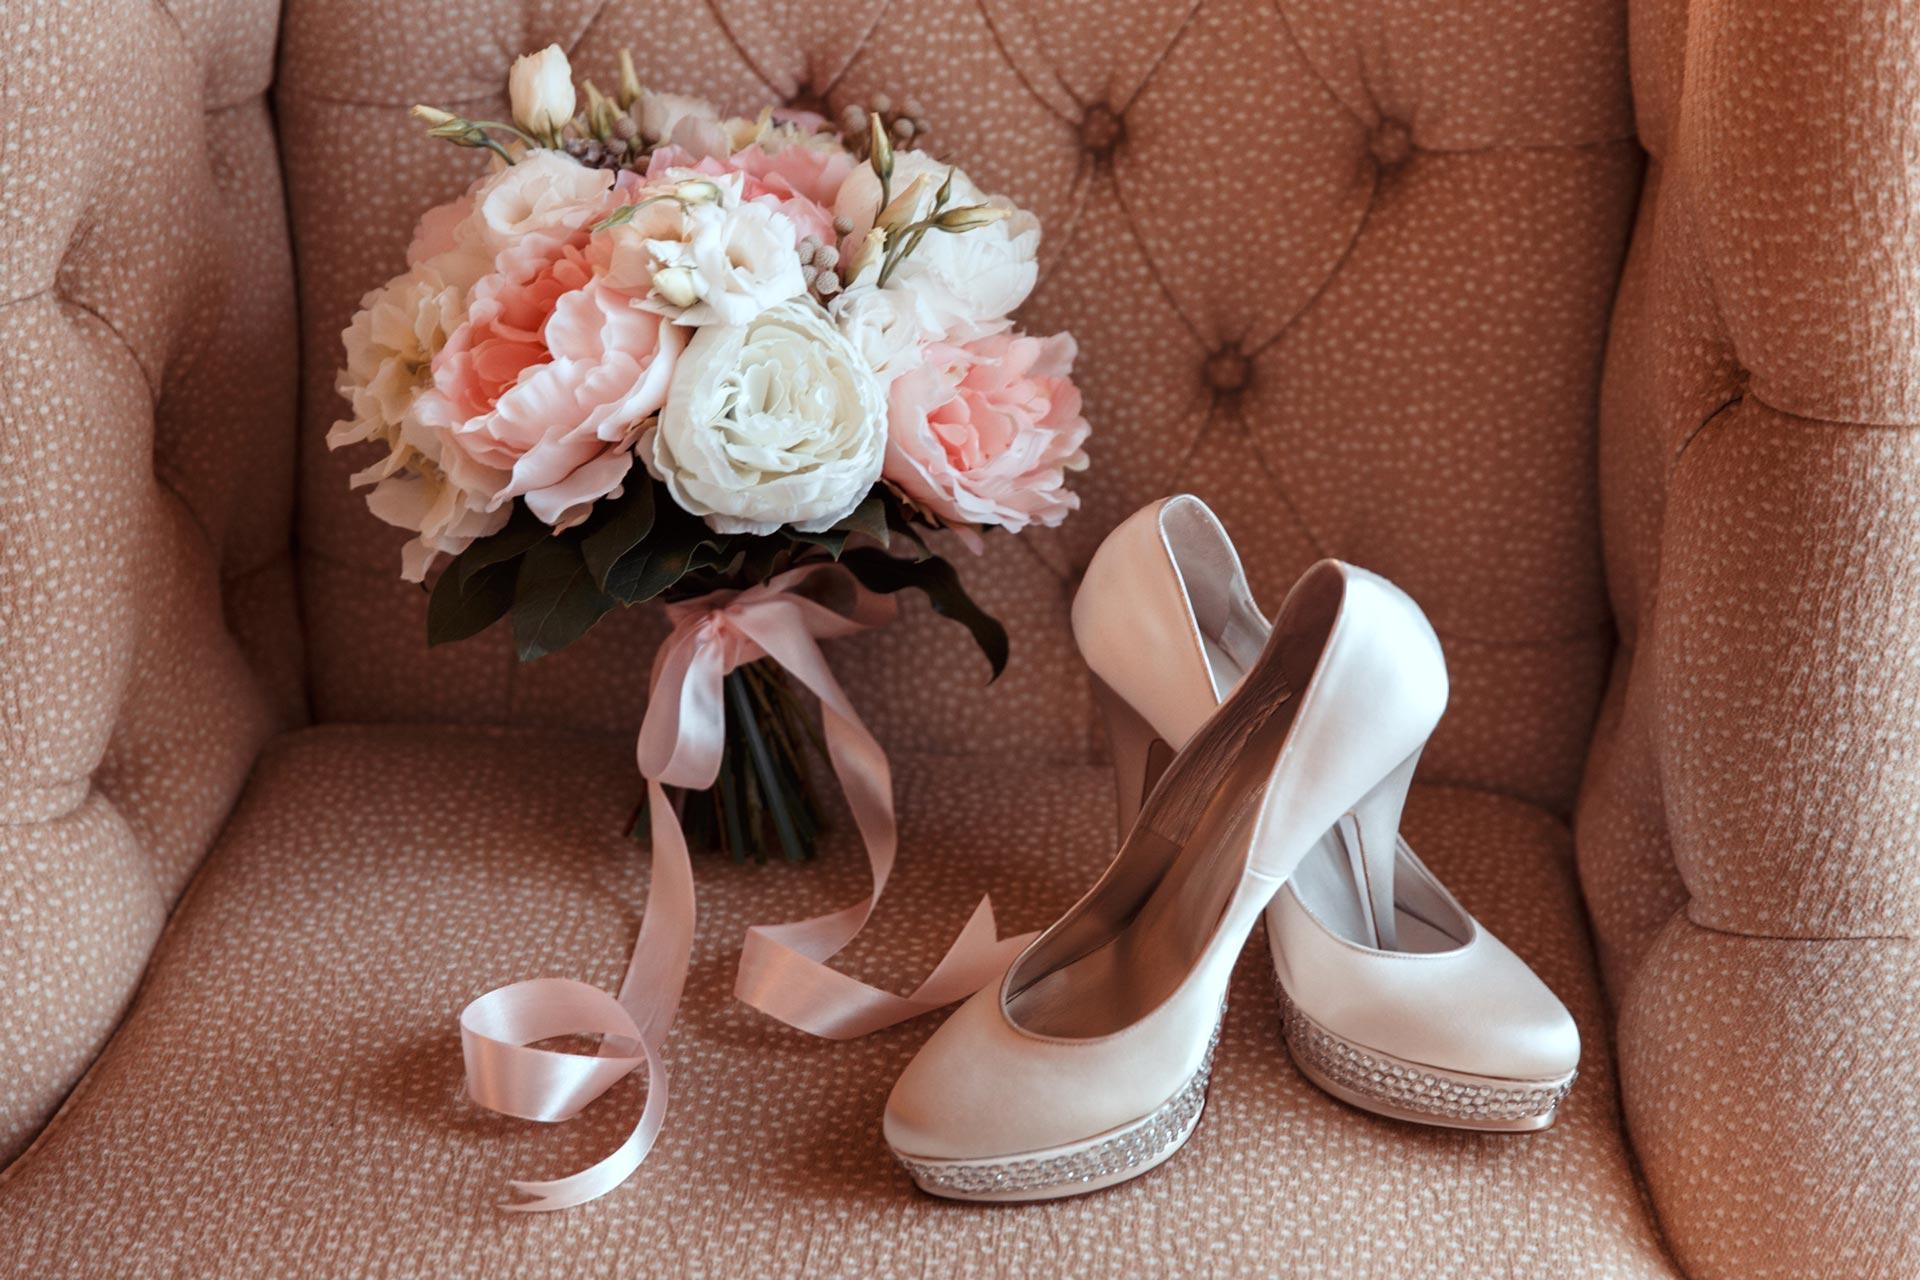 Пионовая свадьба. Свадьба Анны Грачевской и Артема Кузякина фото 14